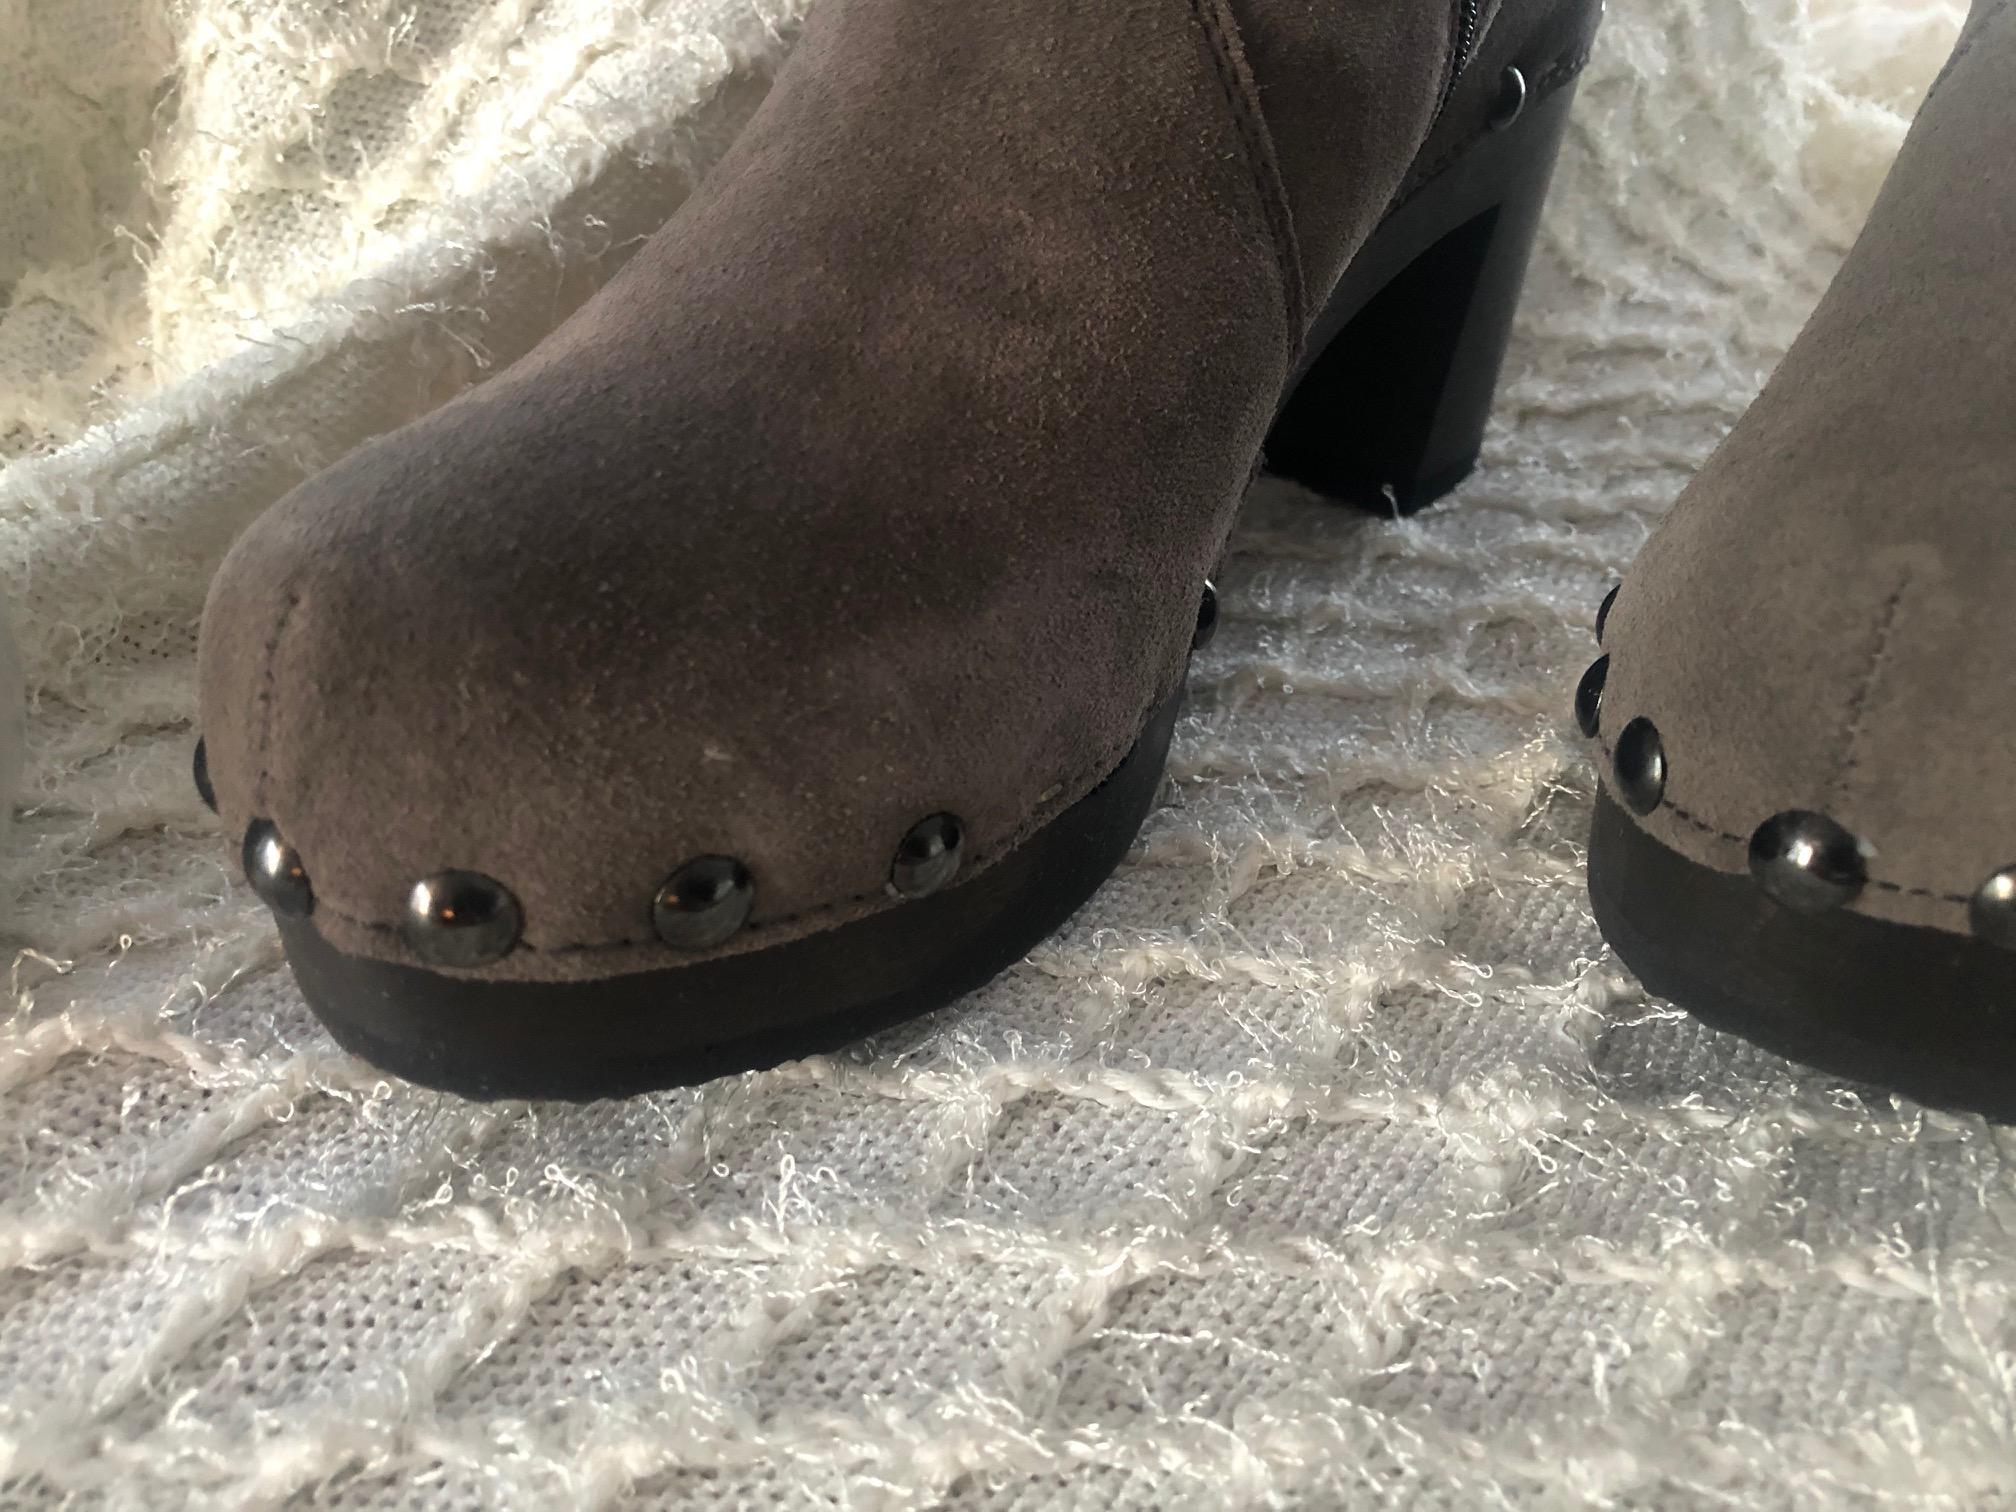 Softclox Schuhe Test Erfahrung